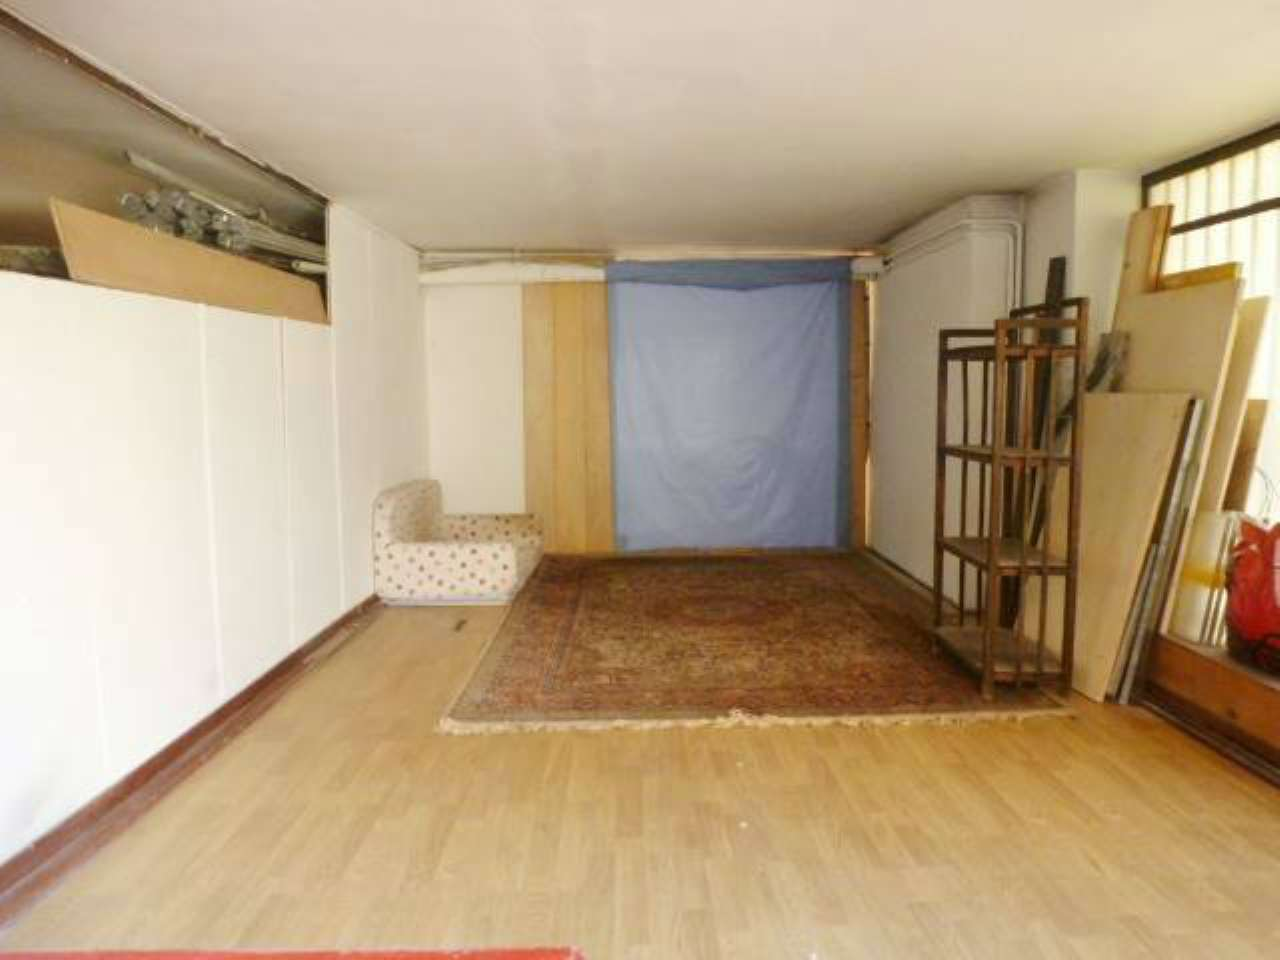 Laboratorio in vendita a Bresso, 1 locali, prezzo € 60.000 | Cambio Casa.it